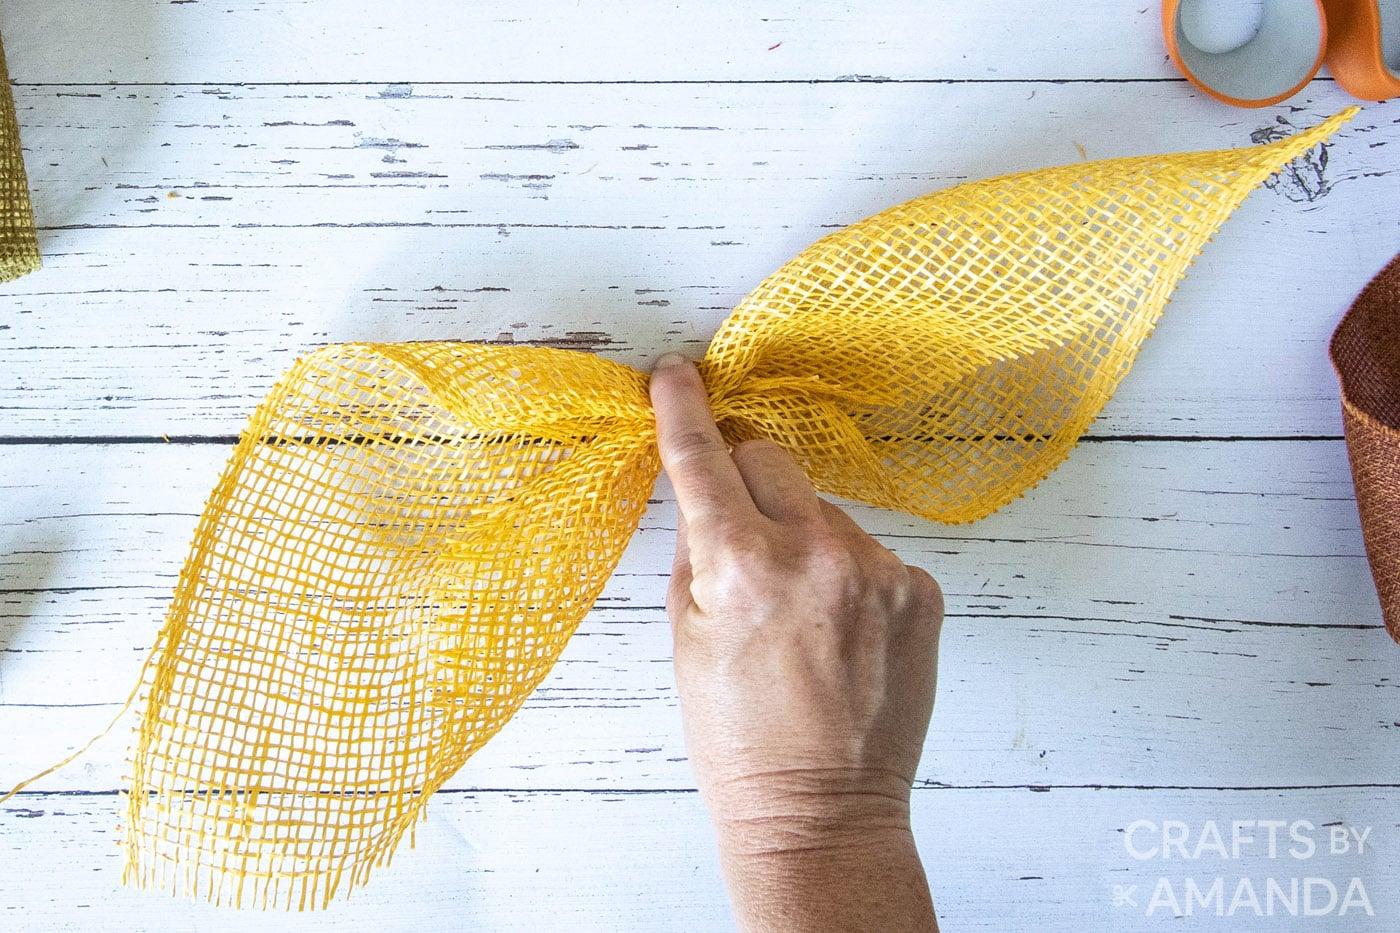 cinching gele jute om een zonnebloembloemblaadje te vormen